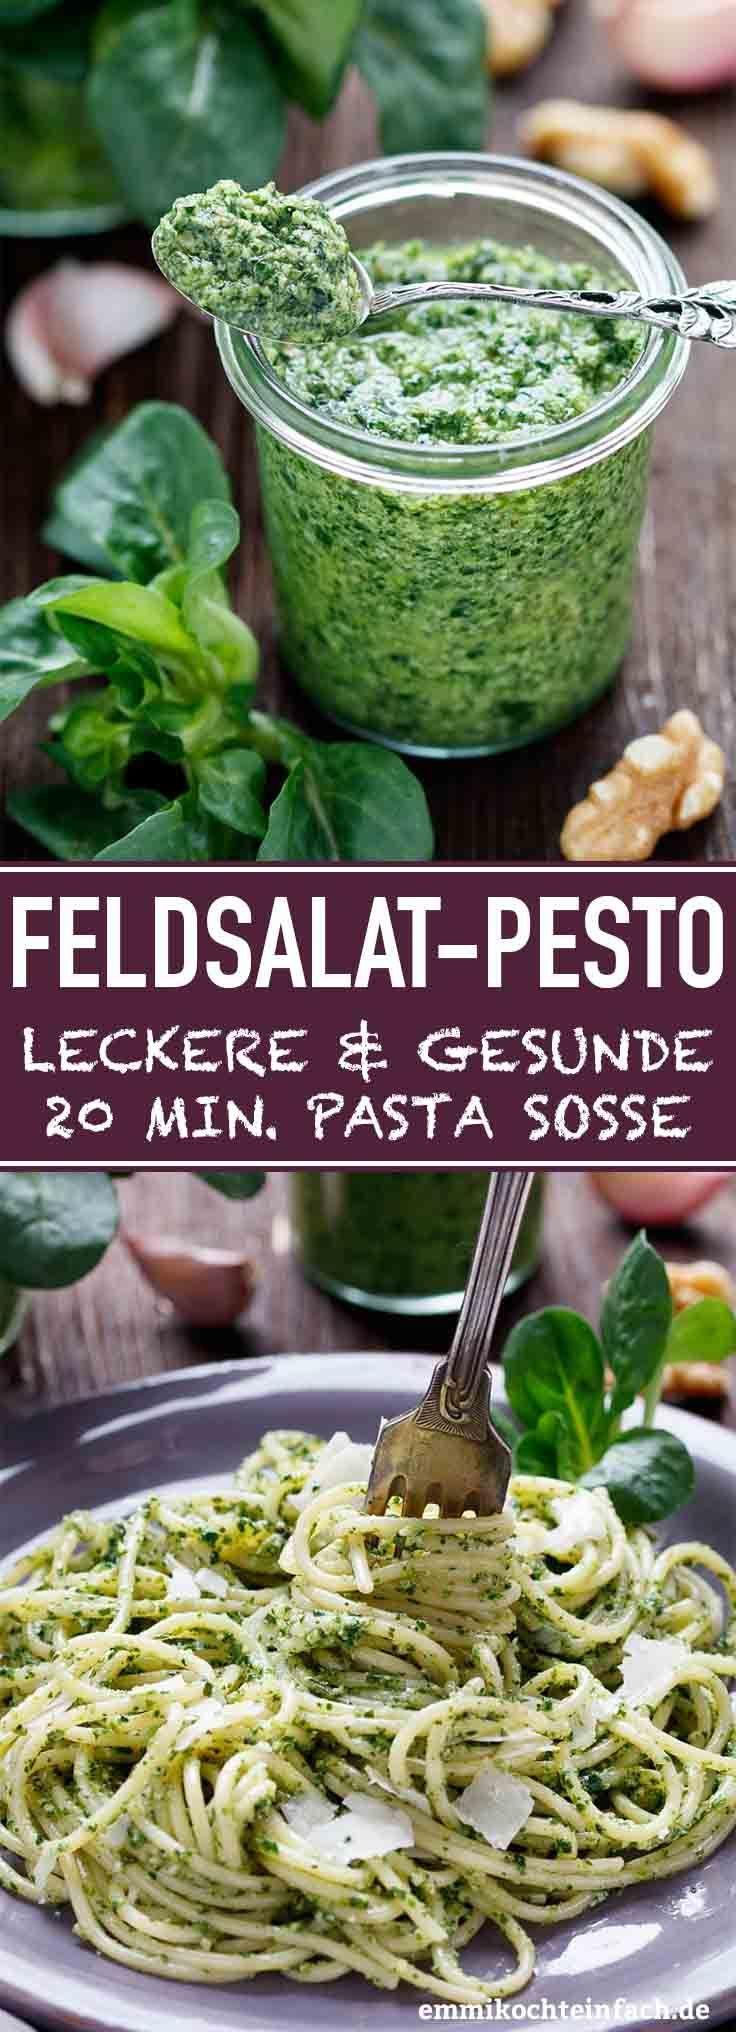 Feldsalat Pesto - die schnelle Spaghetti Sauce - emmikochteinfach #homemadesauce